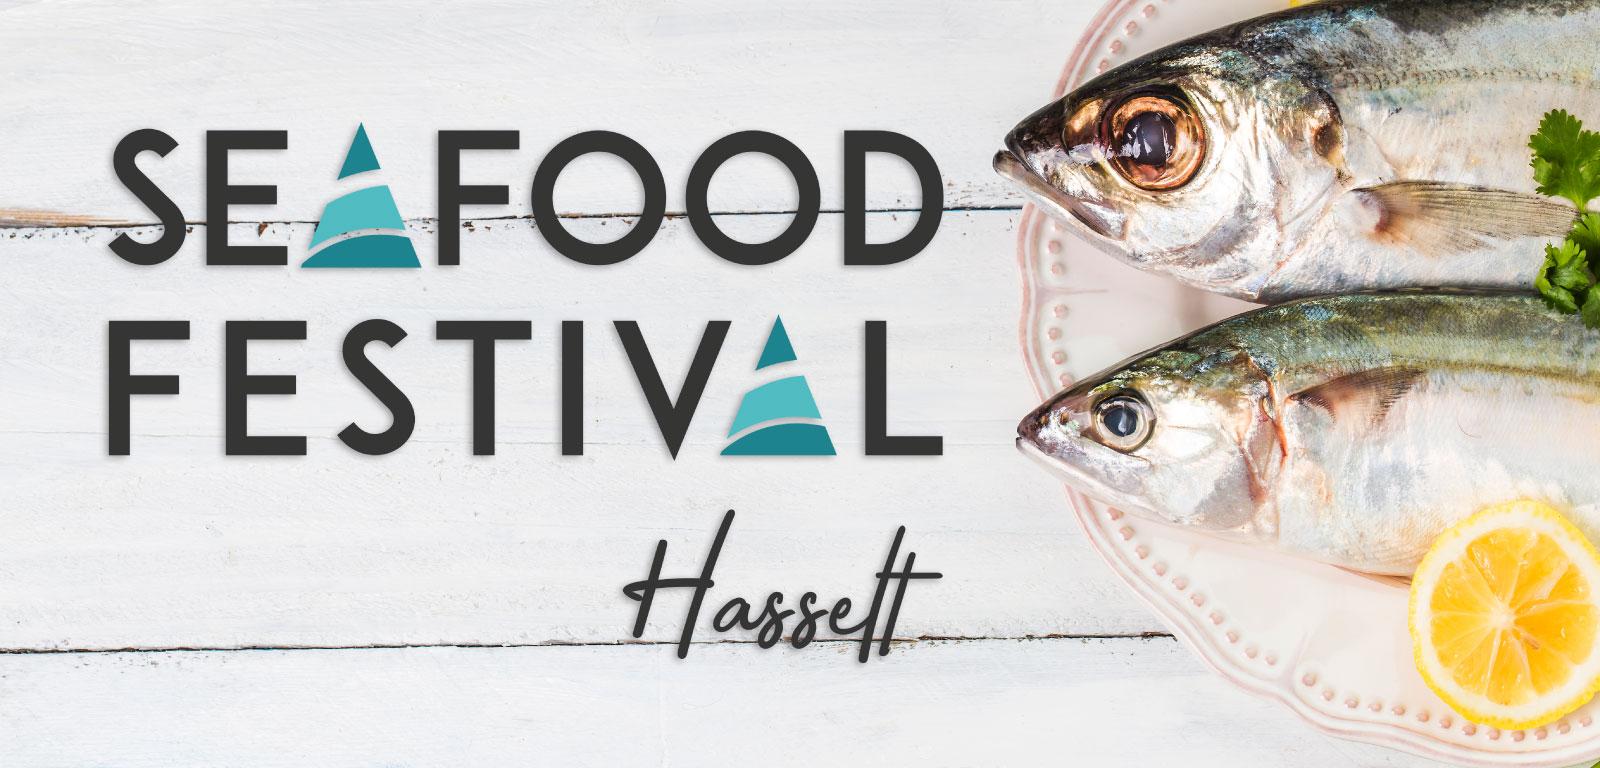 Seafood Festival Hasselt